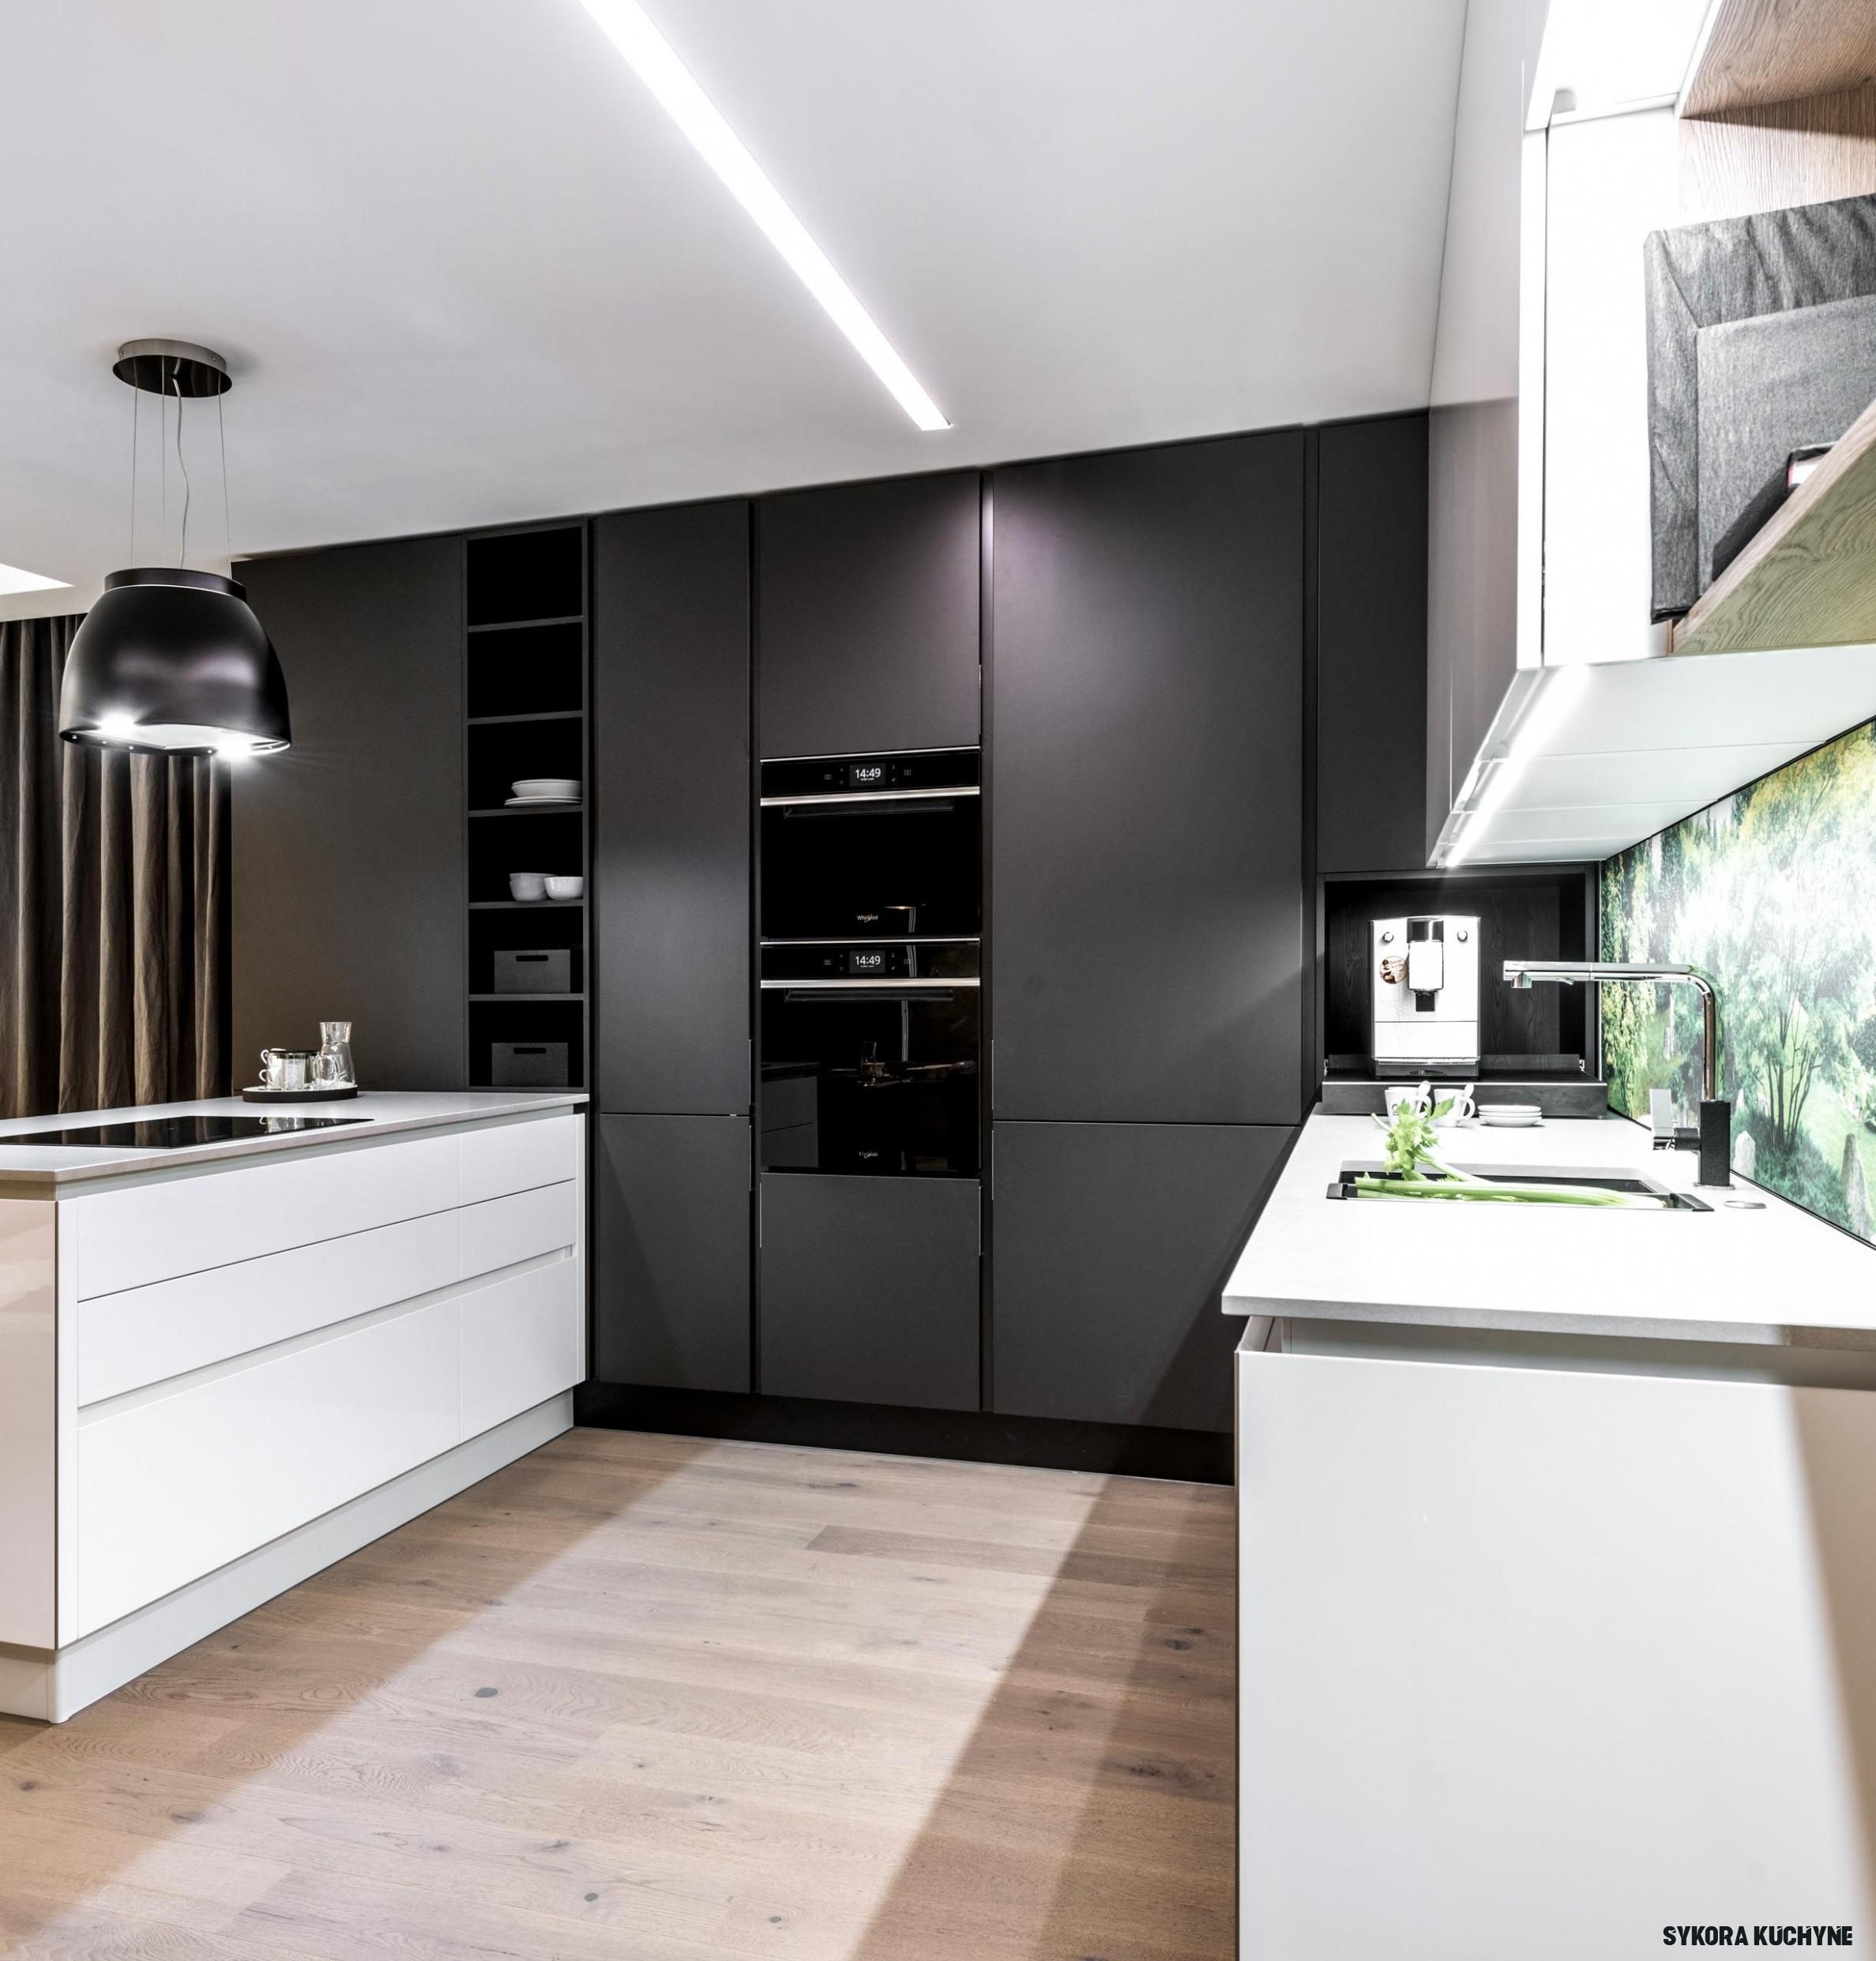 Kuchyně Sykora Exclusive  Kitchen design, Kitchen, Home decor